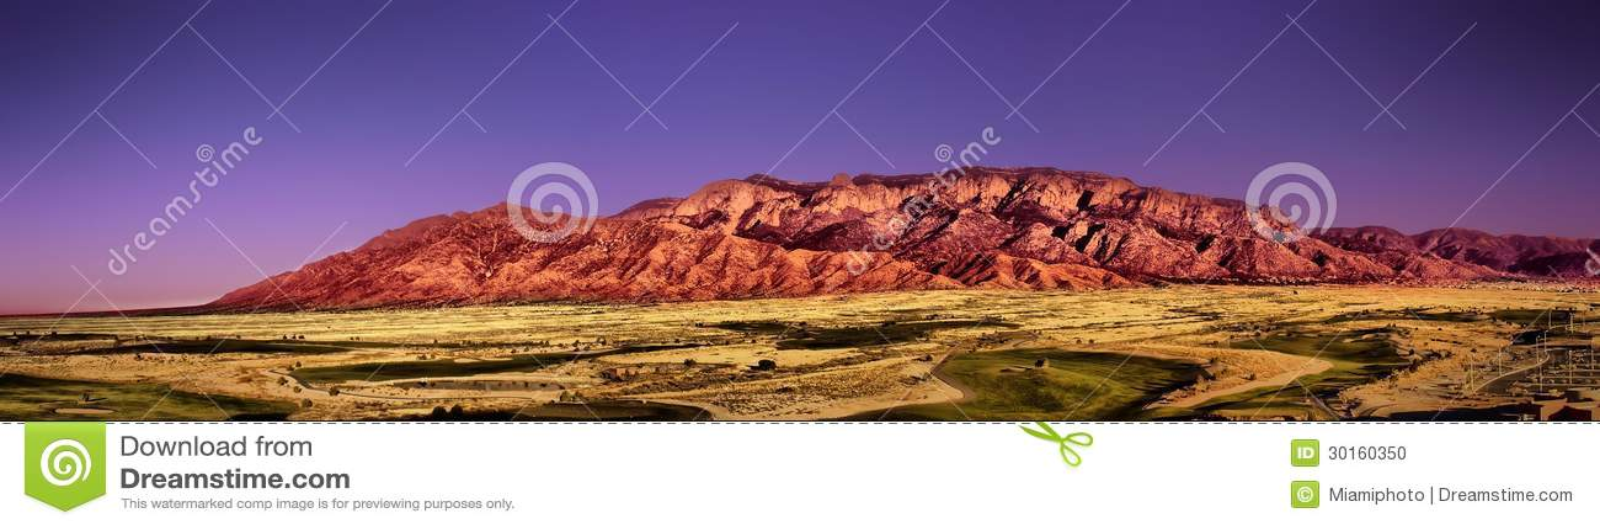 Montanhas de Sandia em Albuquerque nanômetro